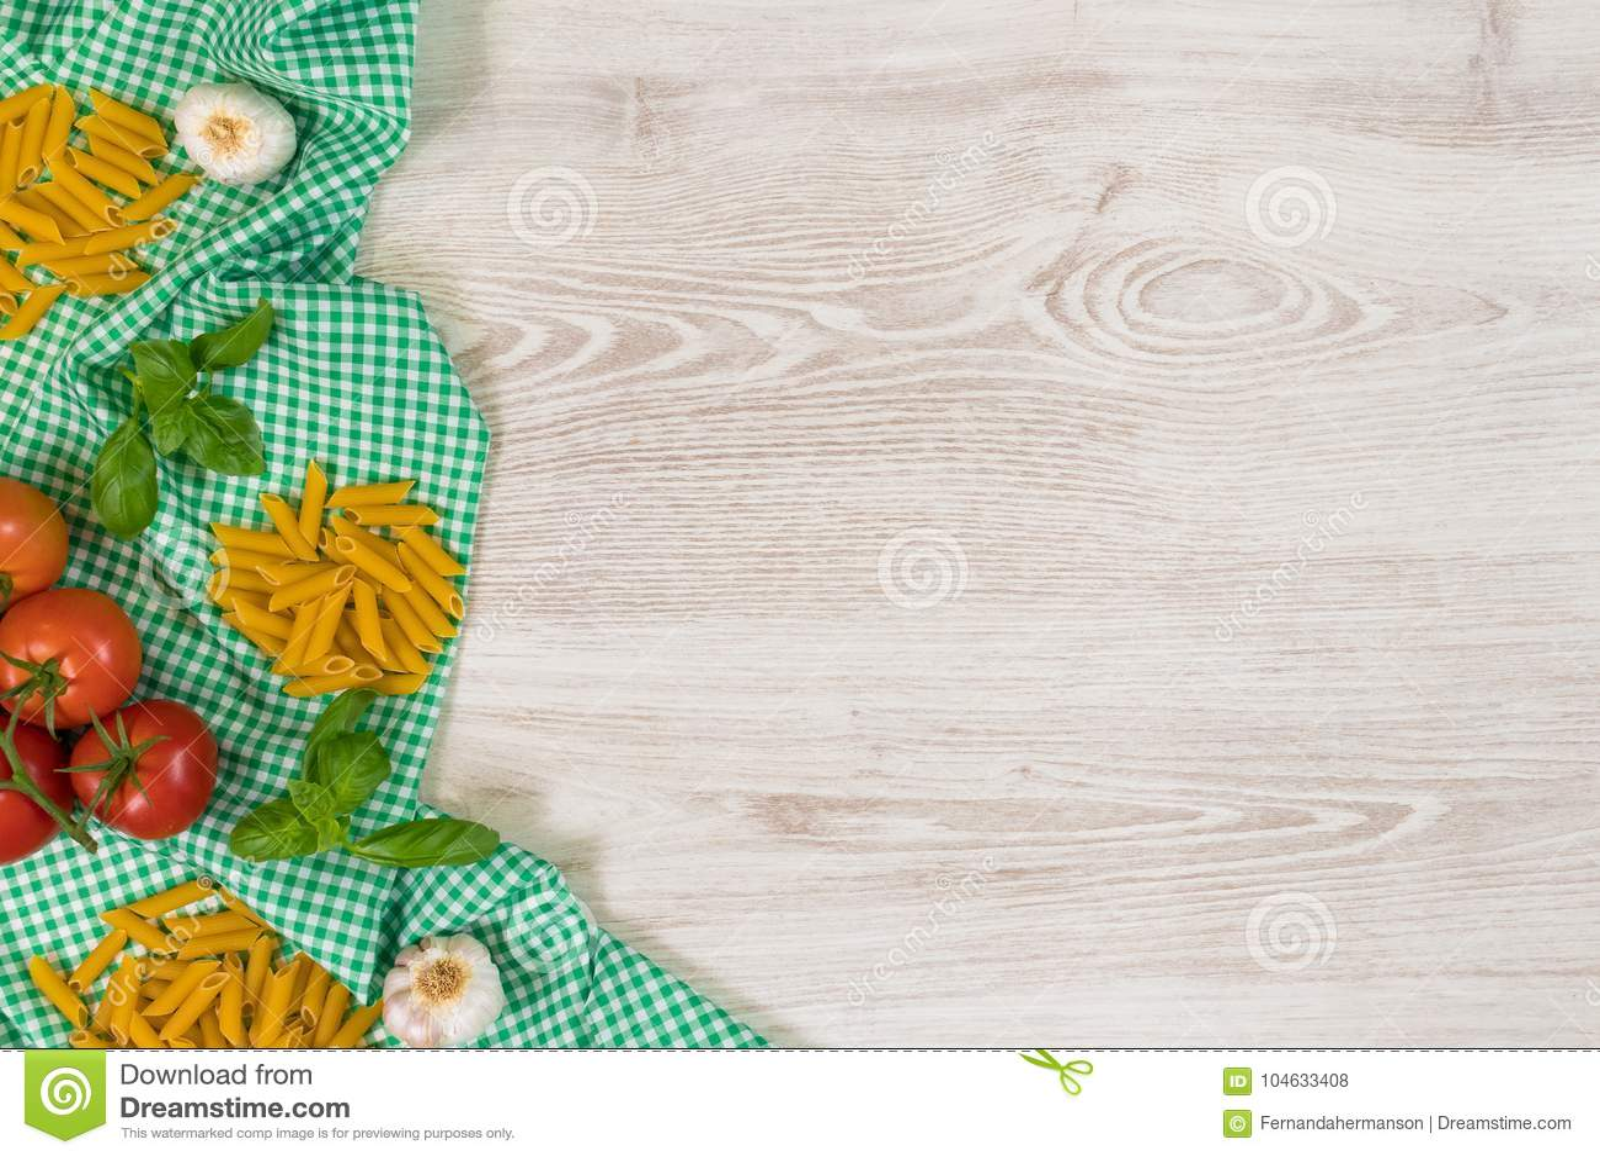 Download Italiaanse Deegwaren Ruwe Ingrediënten Op Houten Achtergrond Stock Foto - Afbeelding bestaande uit lunch, italiaans: 104633408